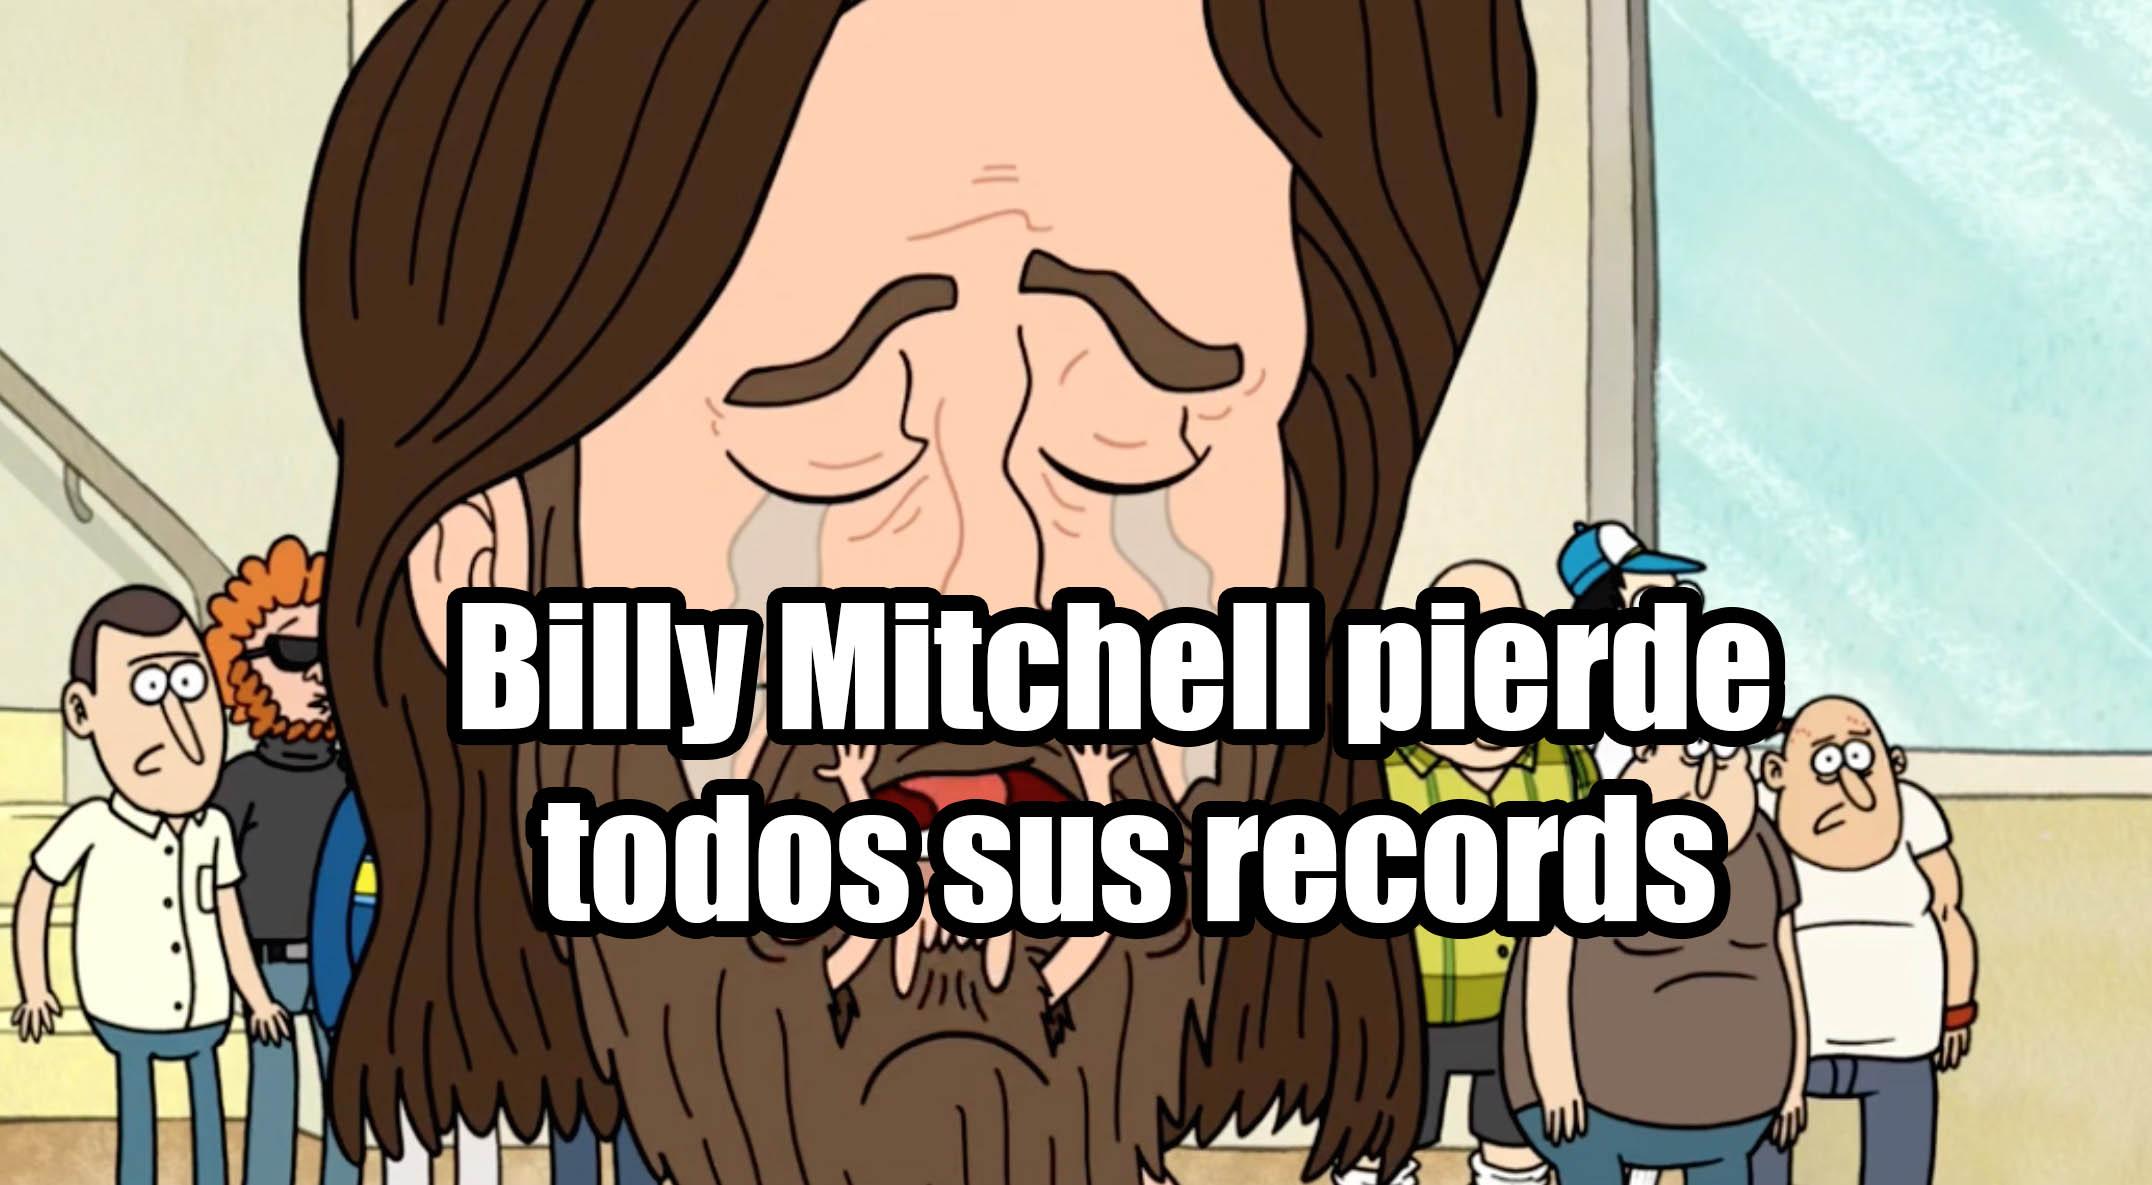 Los récords de Billy Mitchell son exterminados debido a un escándalo por trampas.